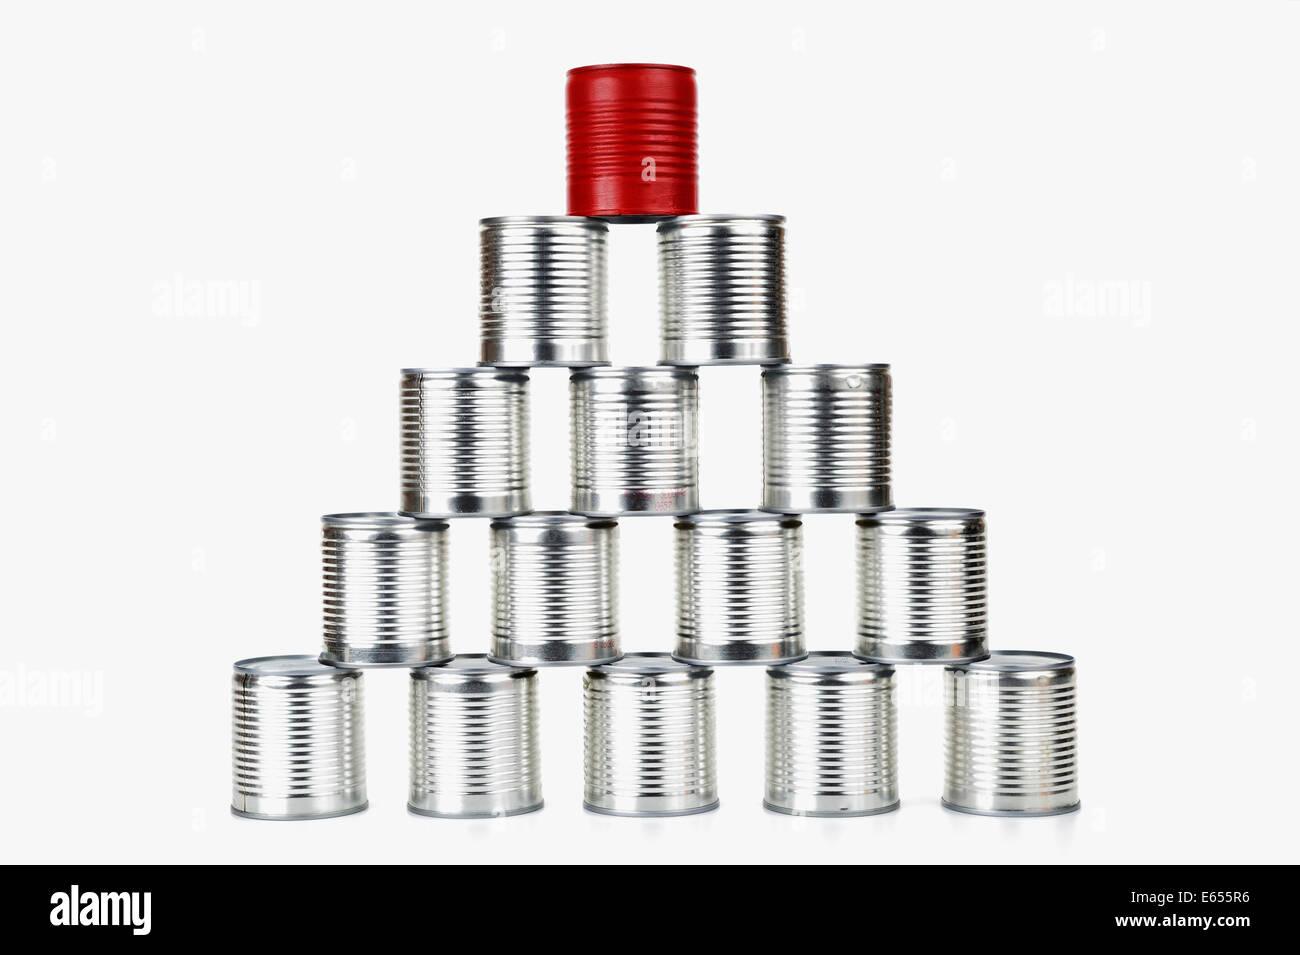 Erfolg - rote Blechdose Spitze einer Pyramide - Konzept Unterschied / Erfolg / Führung Konzept Stockbild